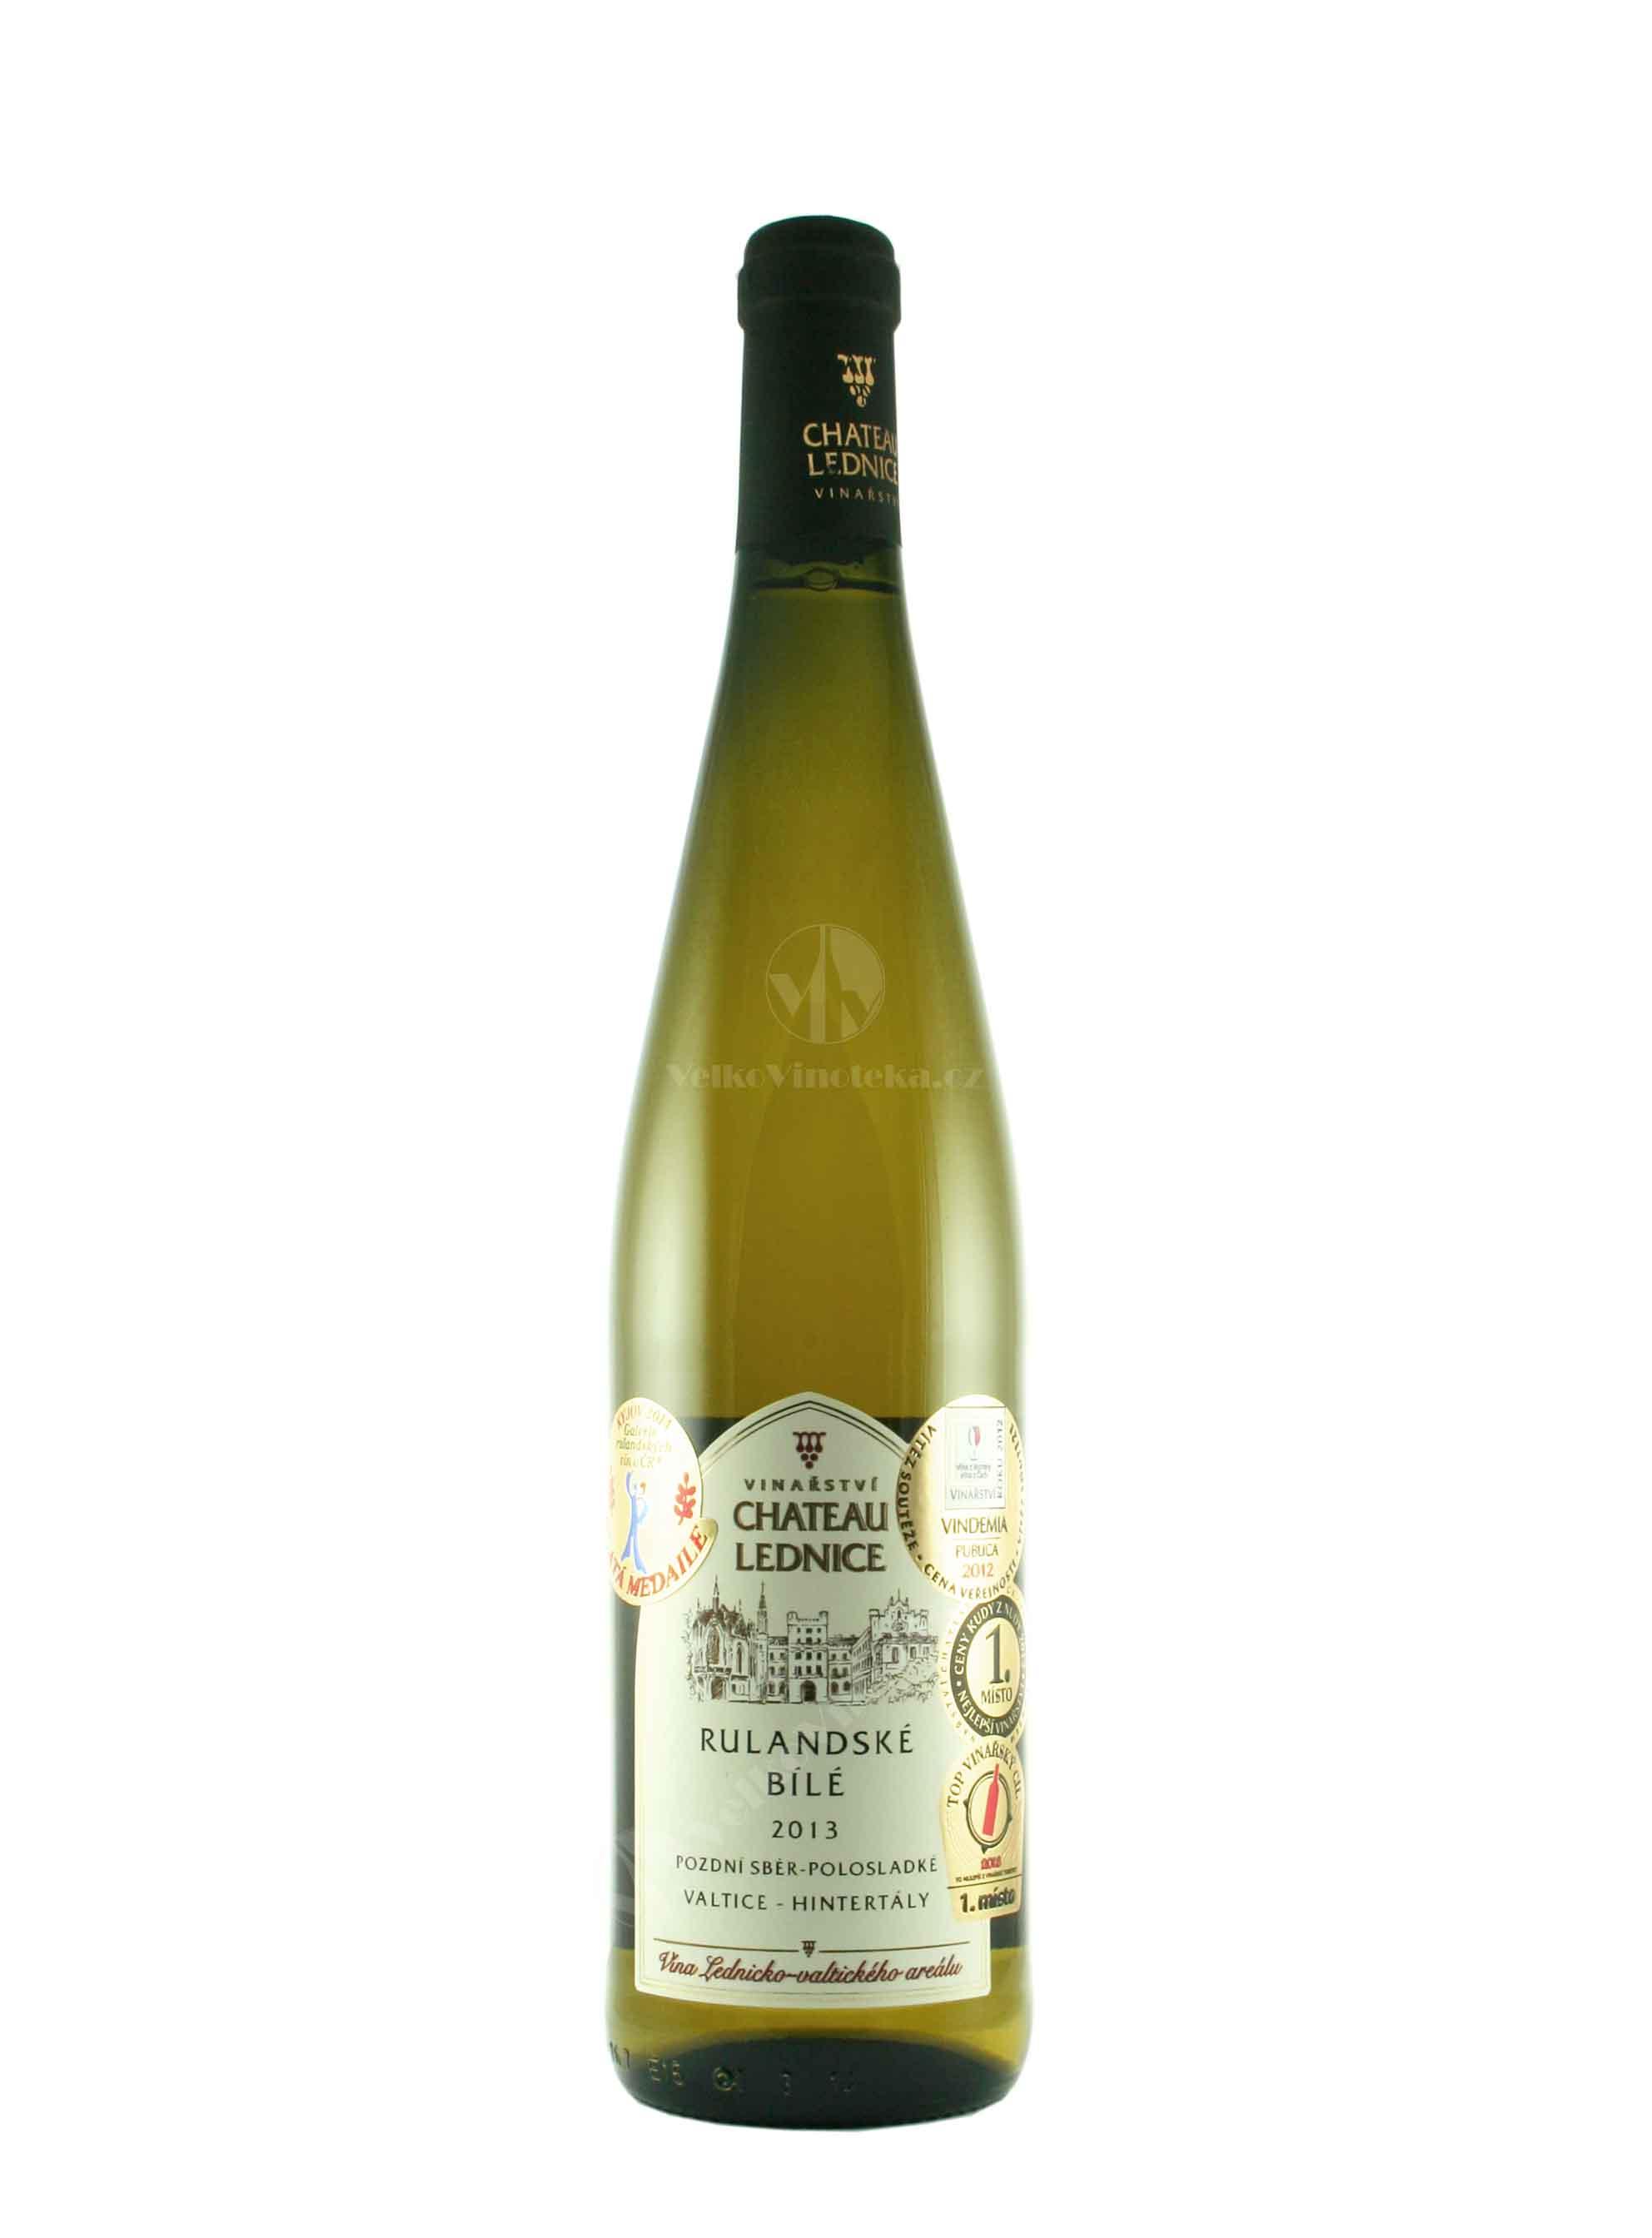 Rulandské bílé, Pozdní sběr, 2013, Château Lednice, 0.75 l